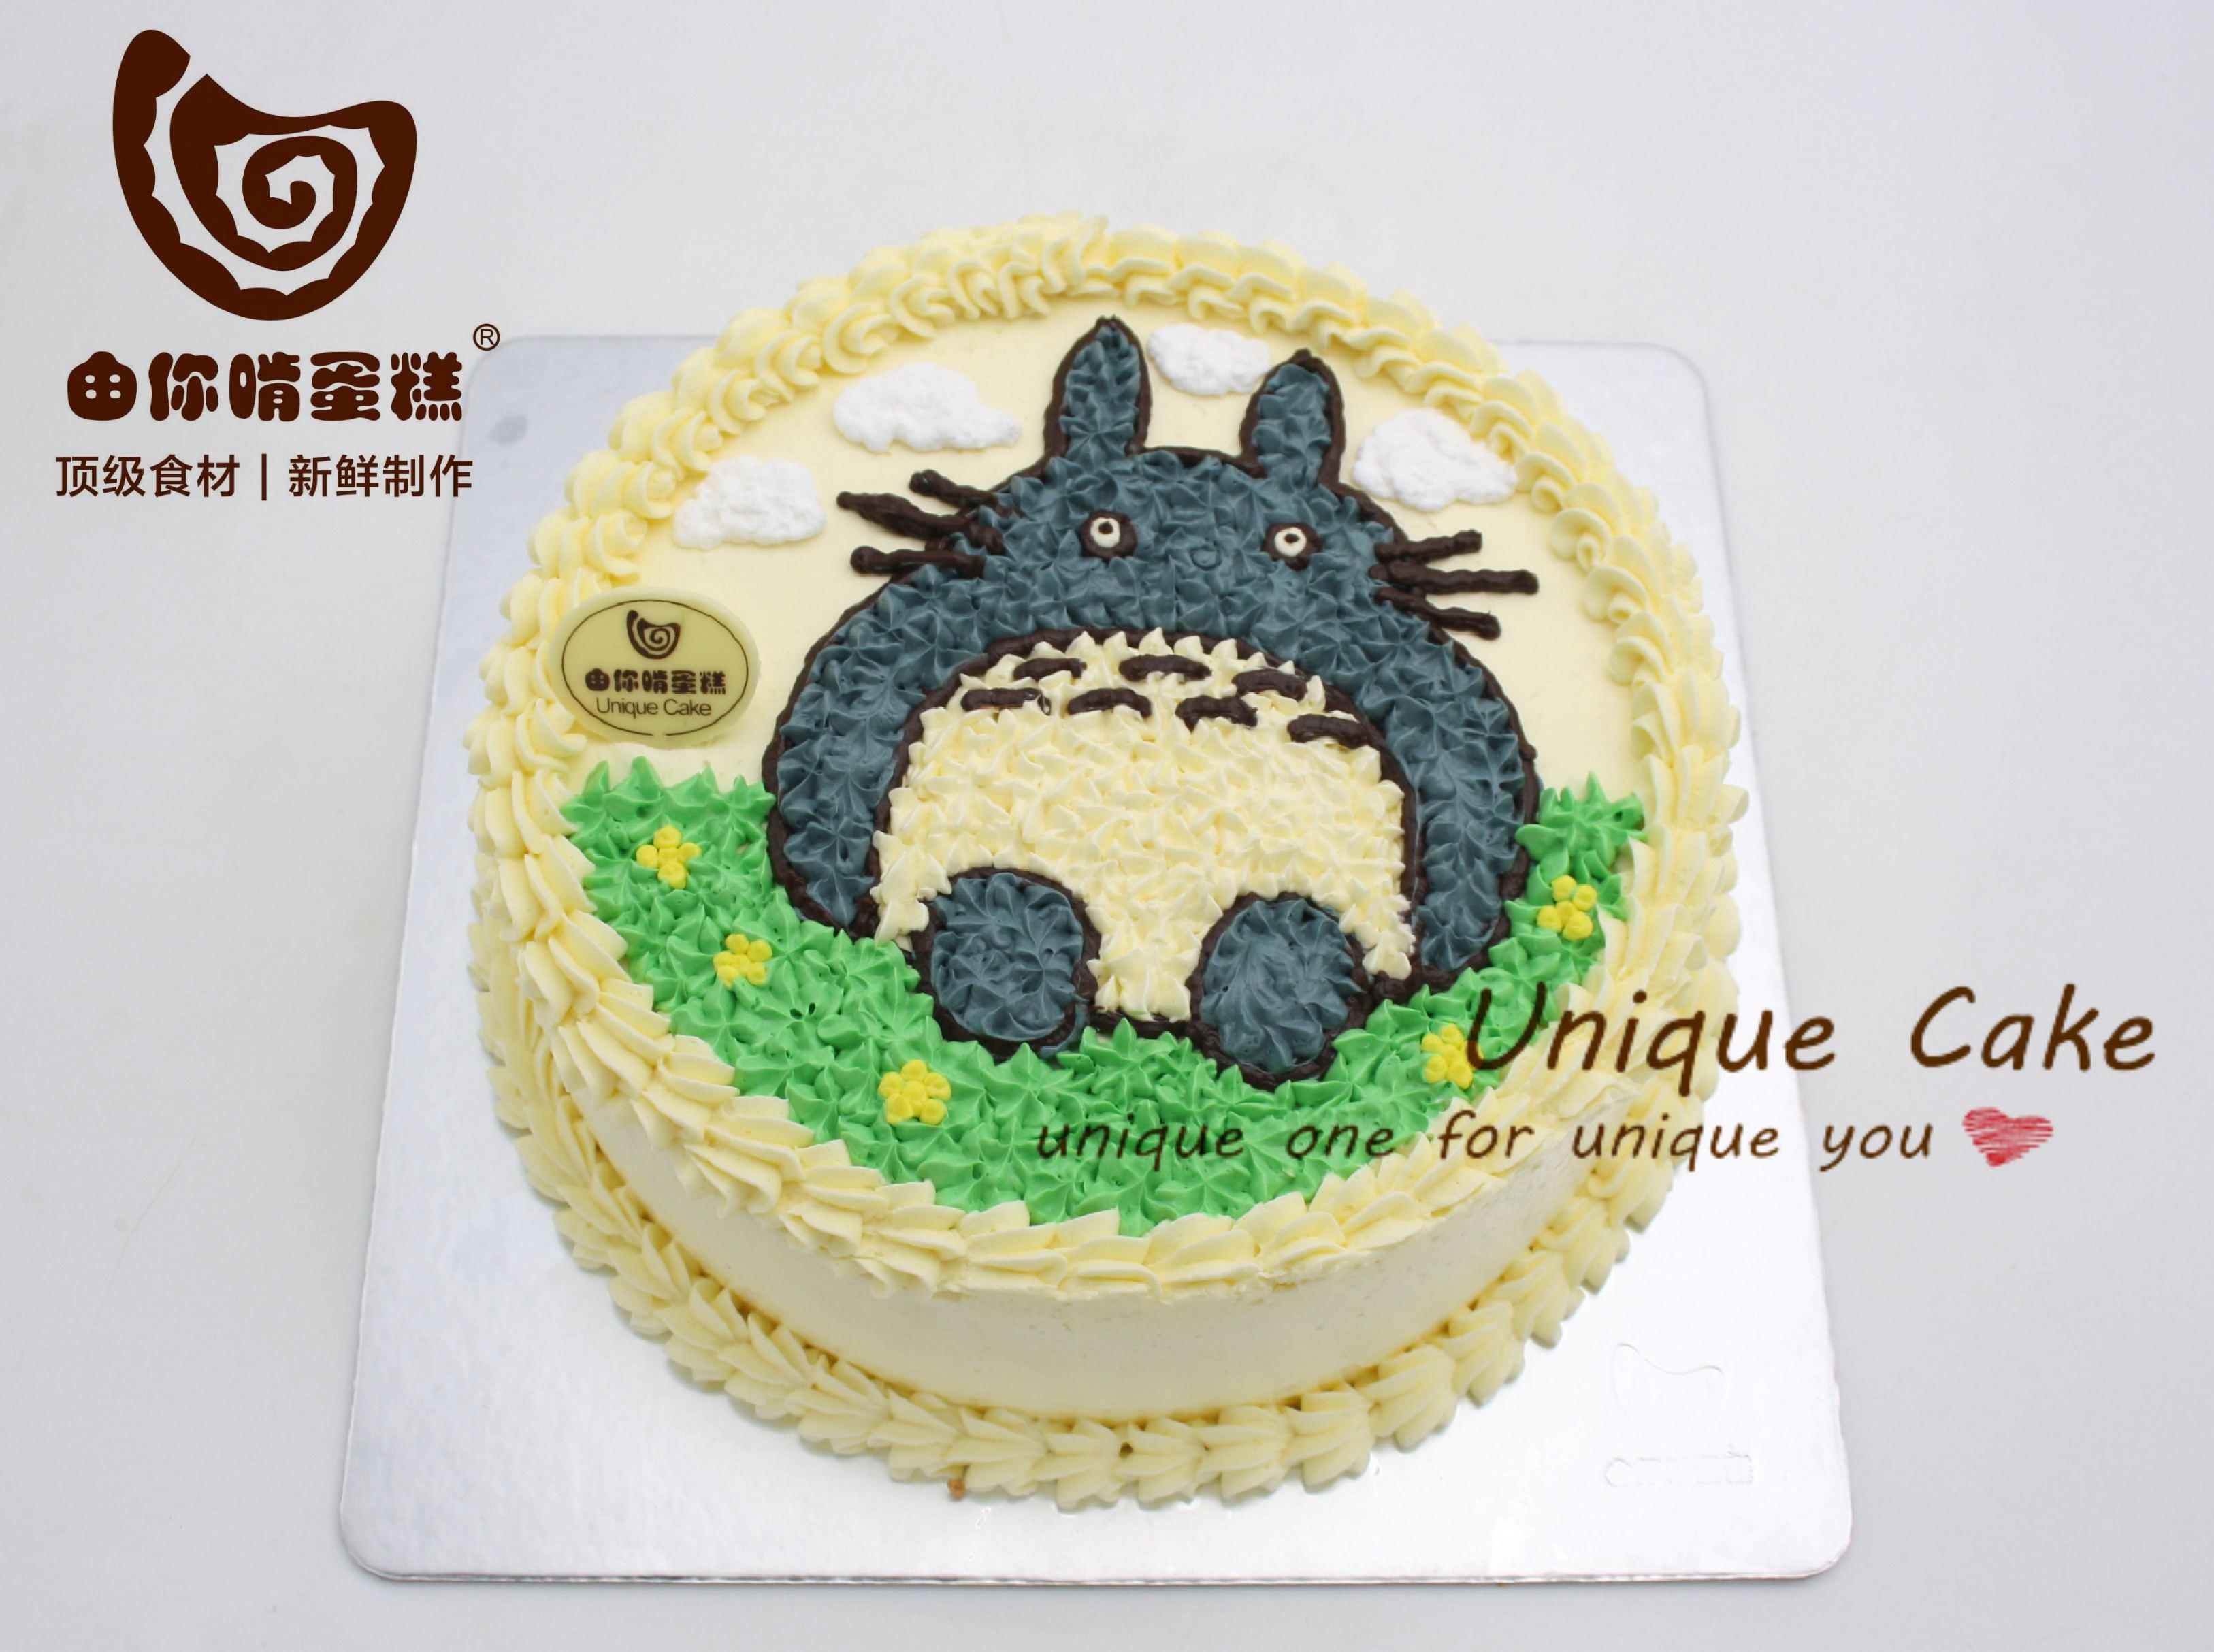 昆明蛋糕速递,生日蛋糕,个性蛋糕★儿童蛋糕★龙猫蛋糕